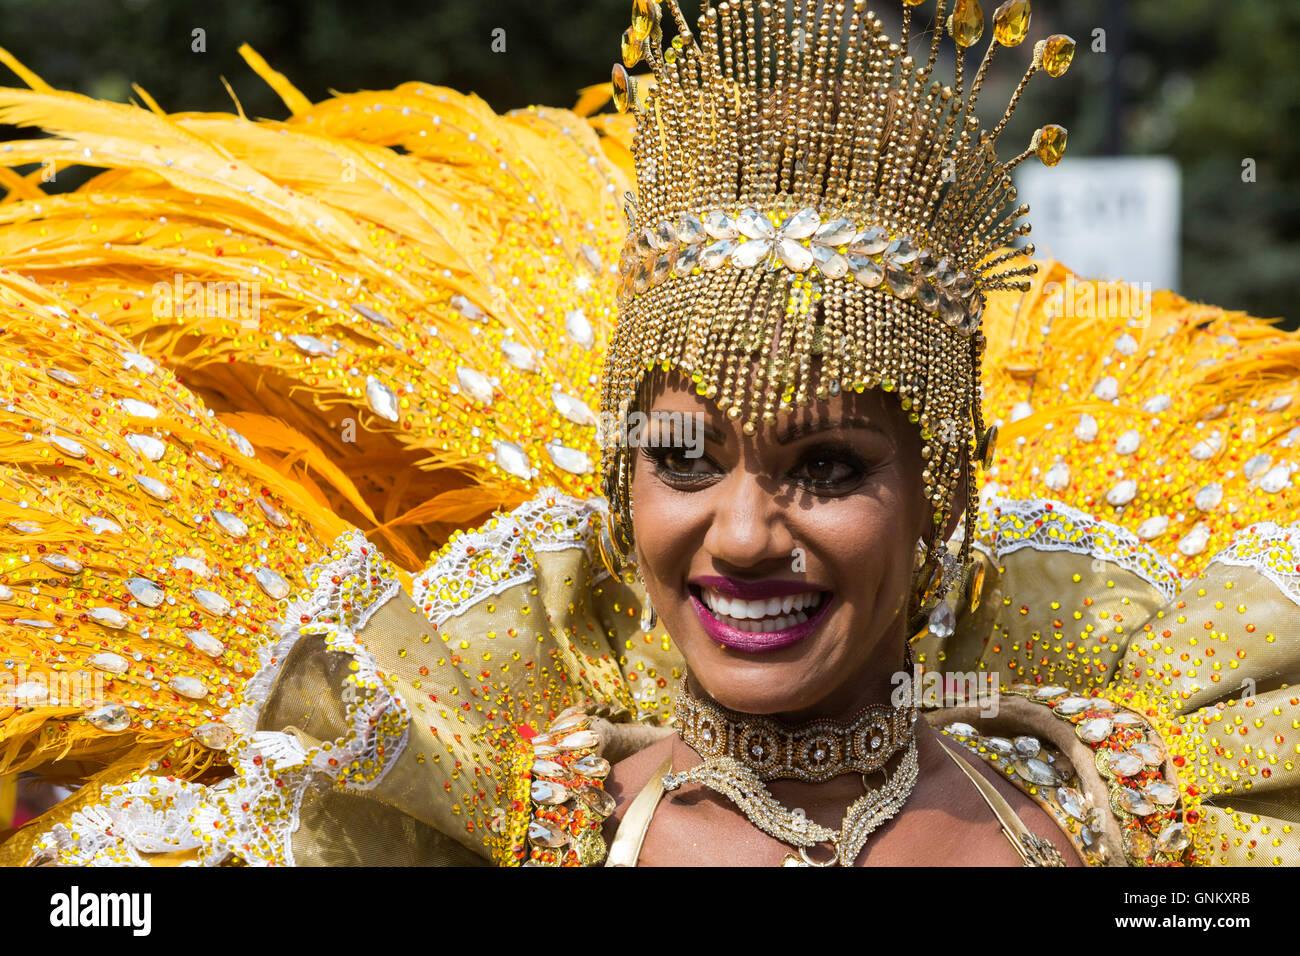 Paraíso de la Escuela de Samba a desfilar en el Carnaval de Notting Hill, Londres, Inglaterra, Reino Unido Imagen De Stock